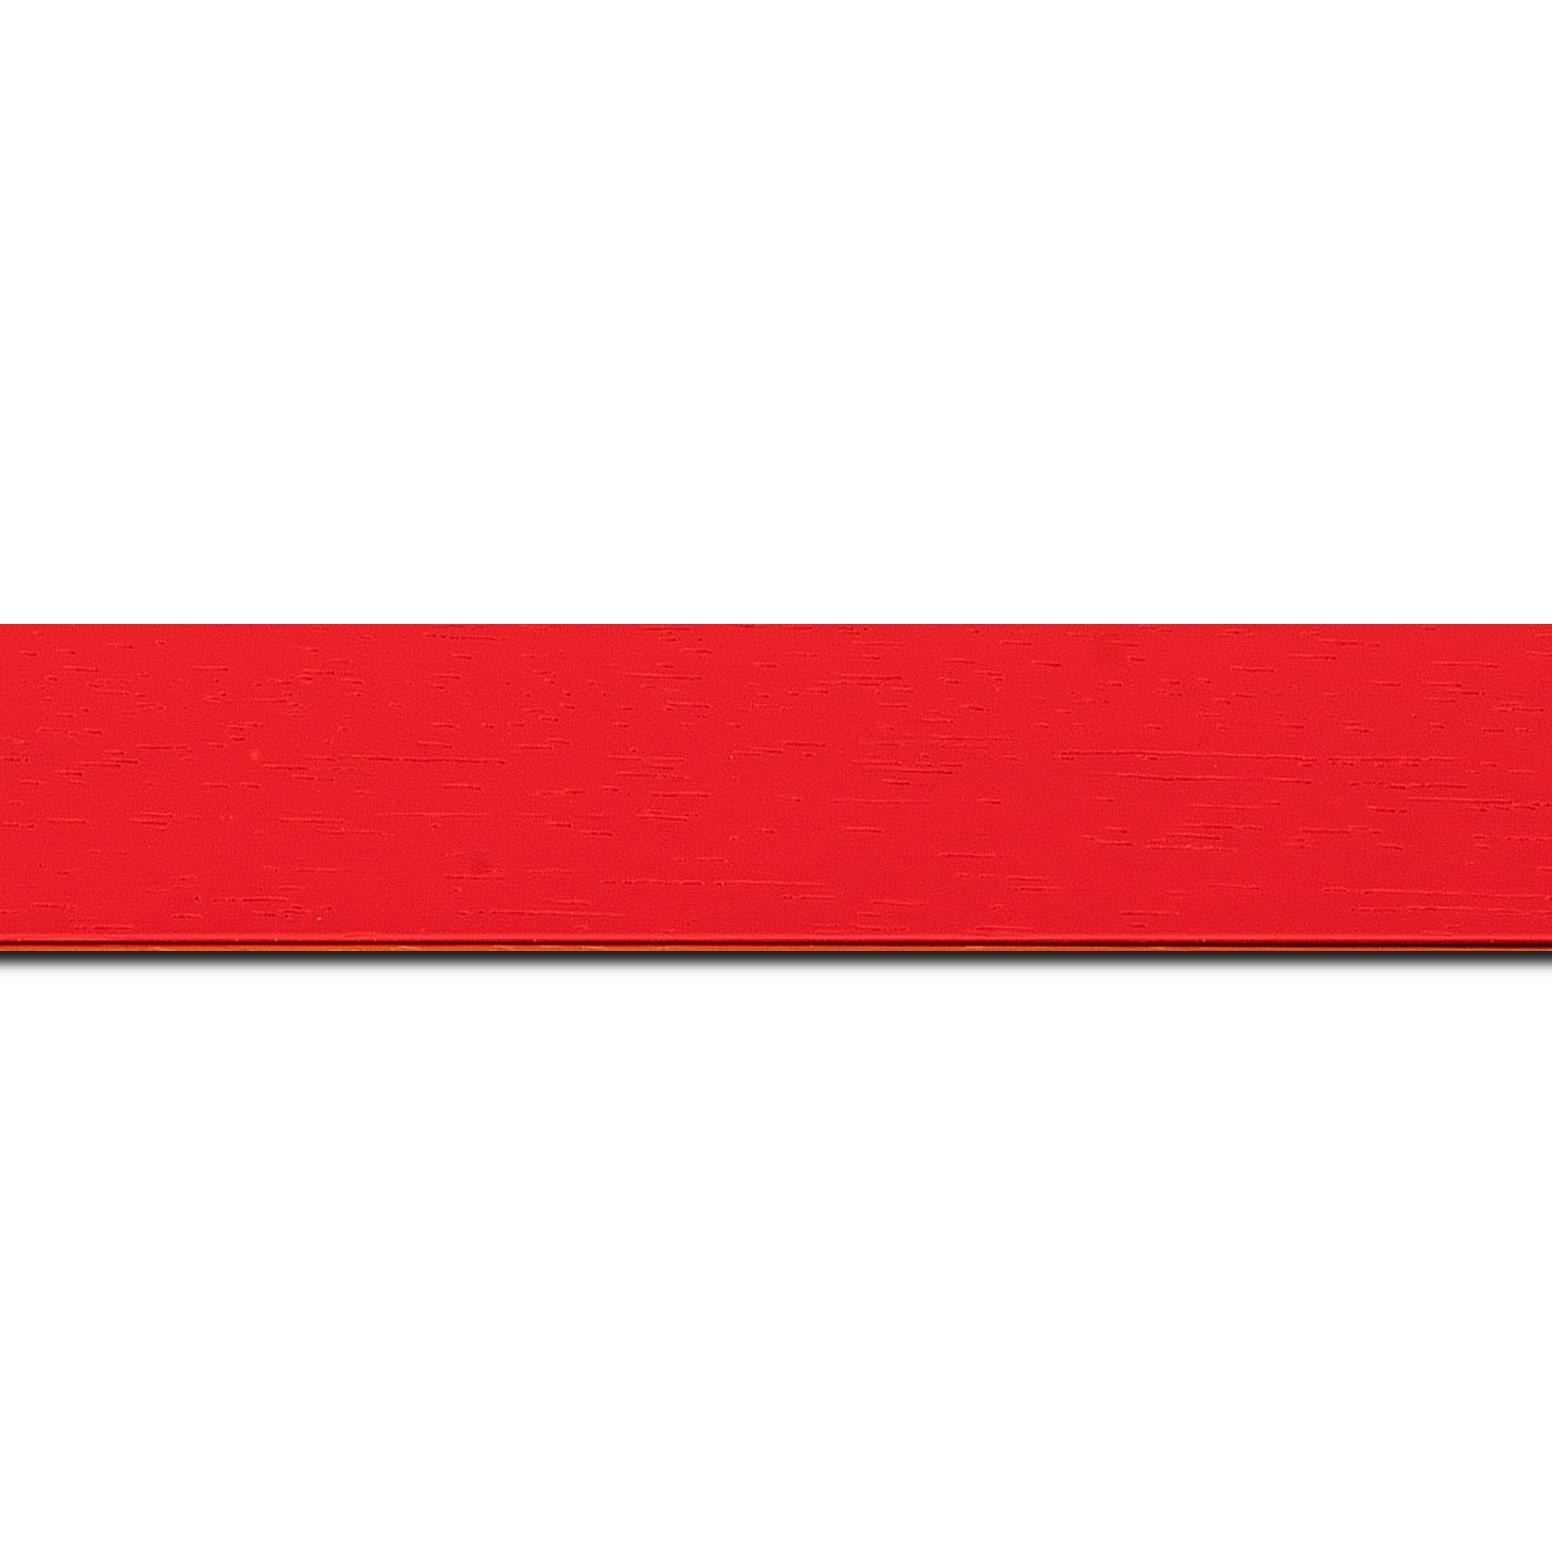 Pack par 12m, bois profil plat largeur 3cm couleur rouge tonique satiné (longueur baguette pouvant varier entre 2.40m et 3m selon arrivage des bois)